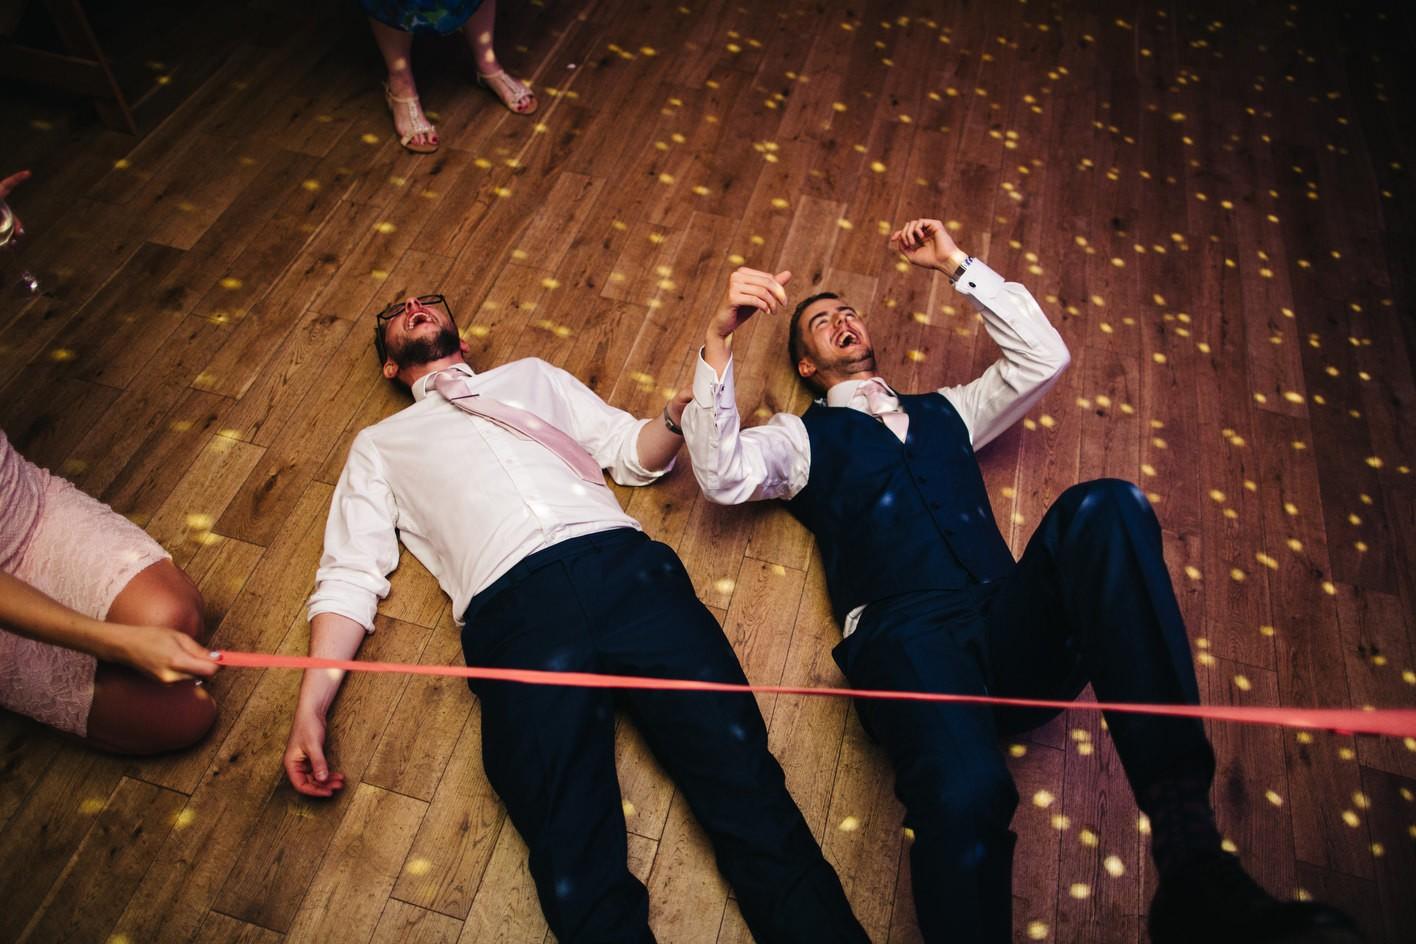 Limbo game on wedding dancefloor